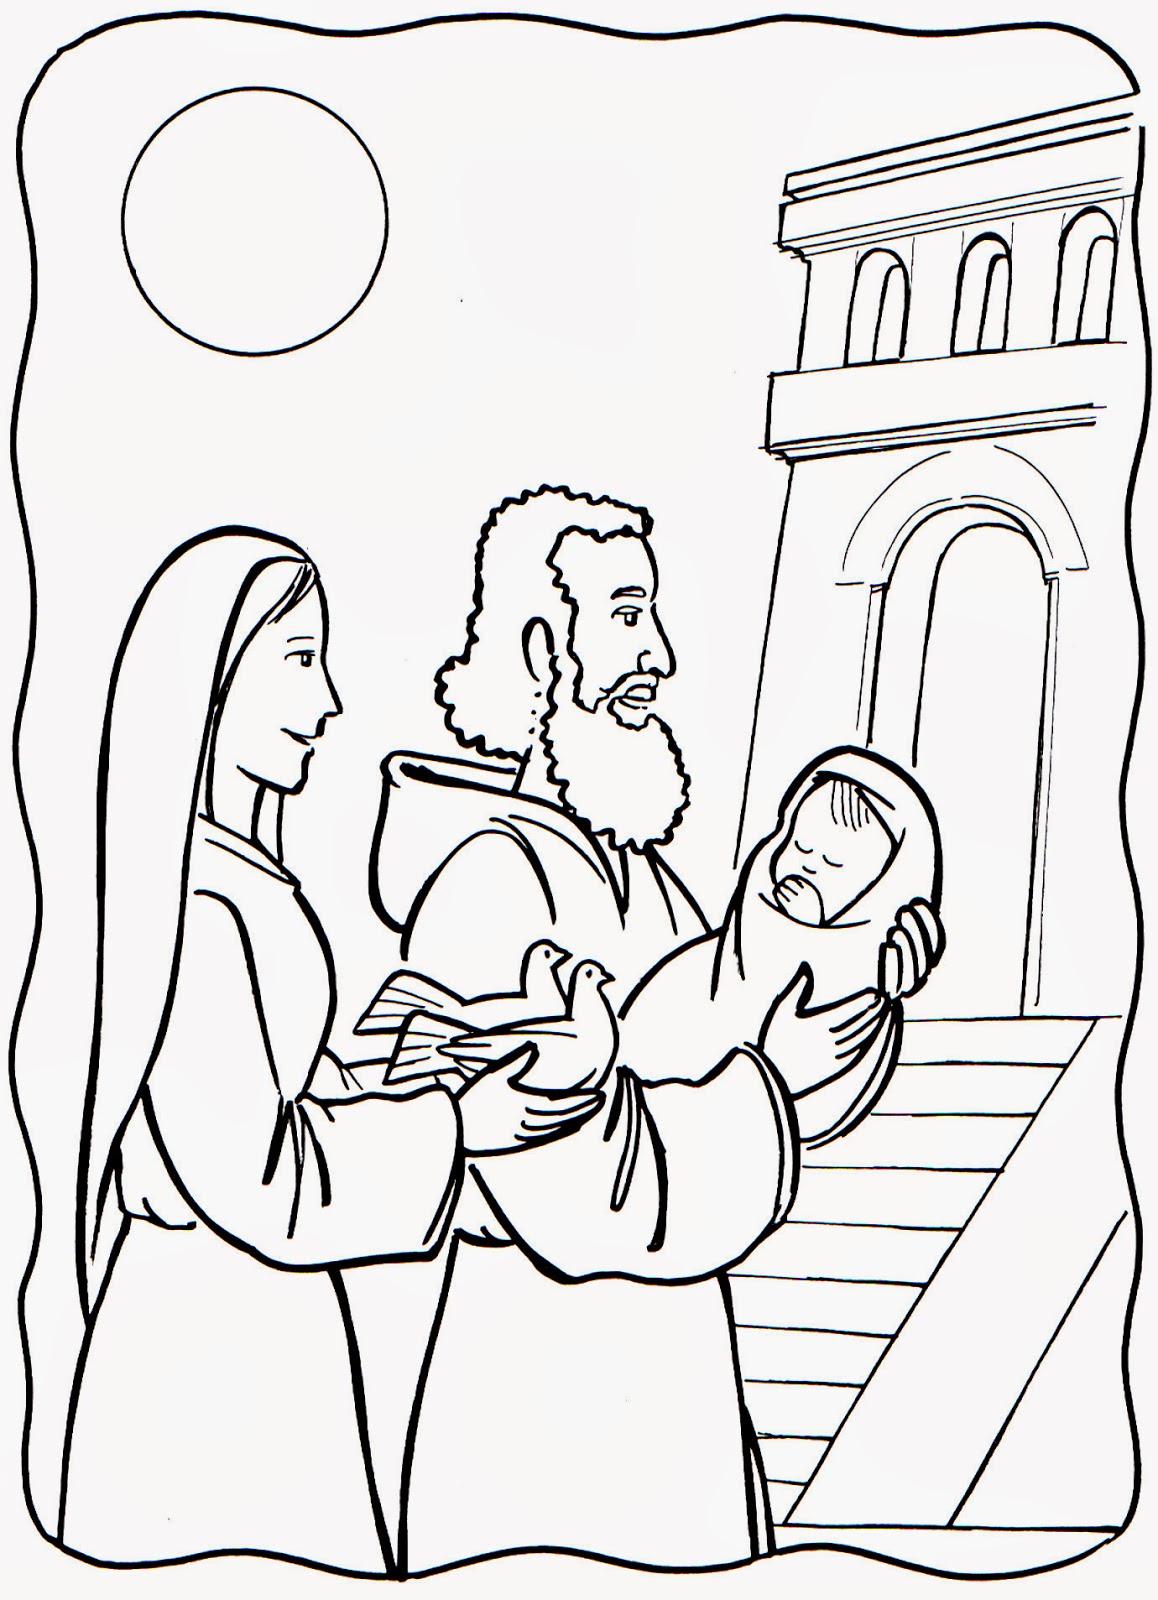 El Renuevo De Jehova: Jesus En El Templo - Imagenes para colorear ...